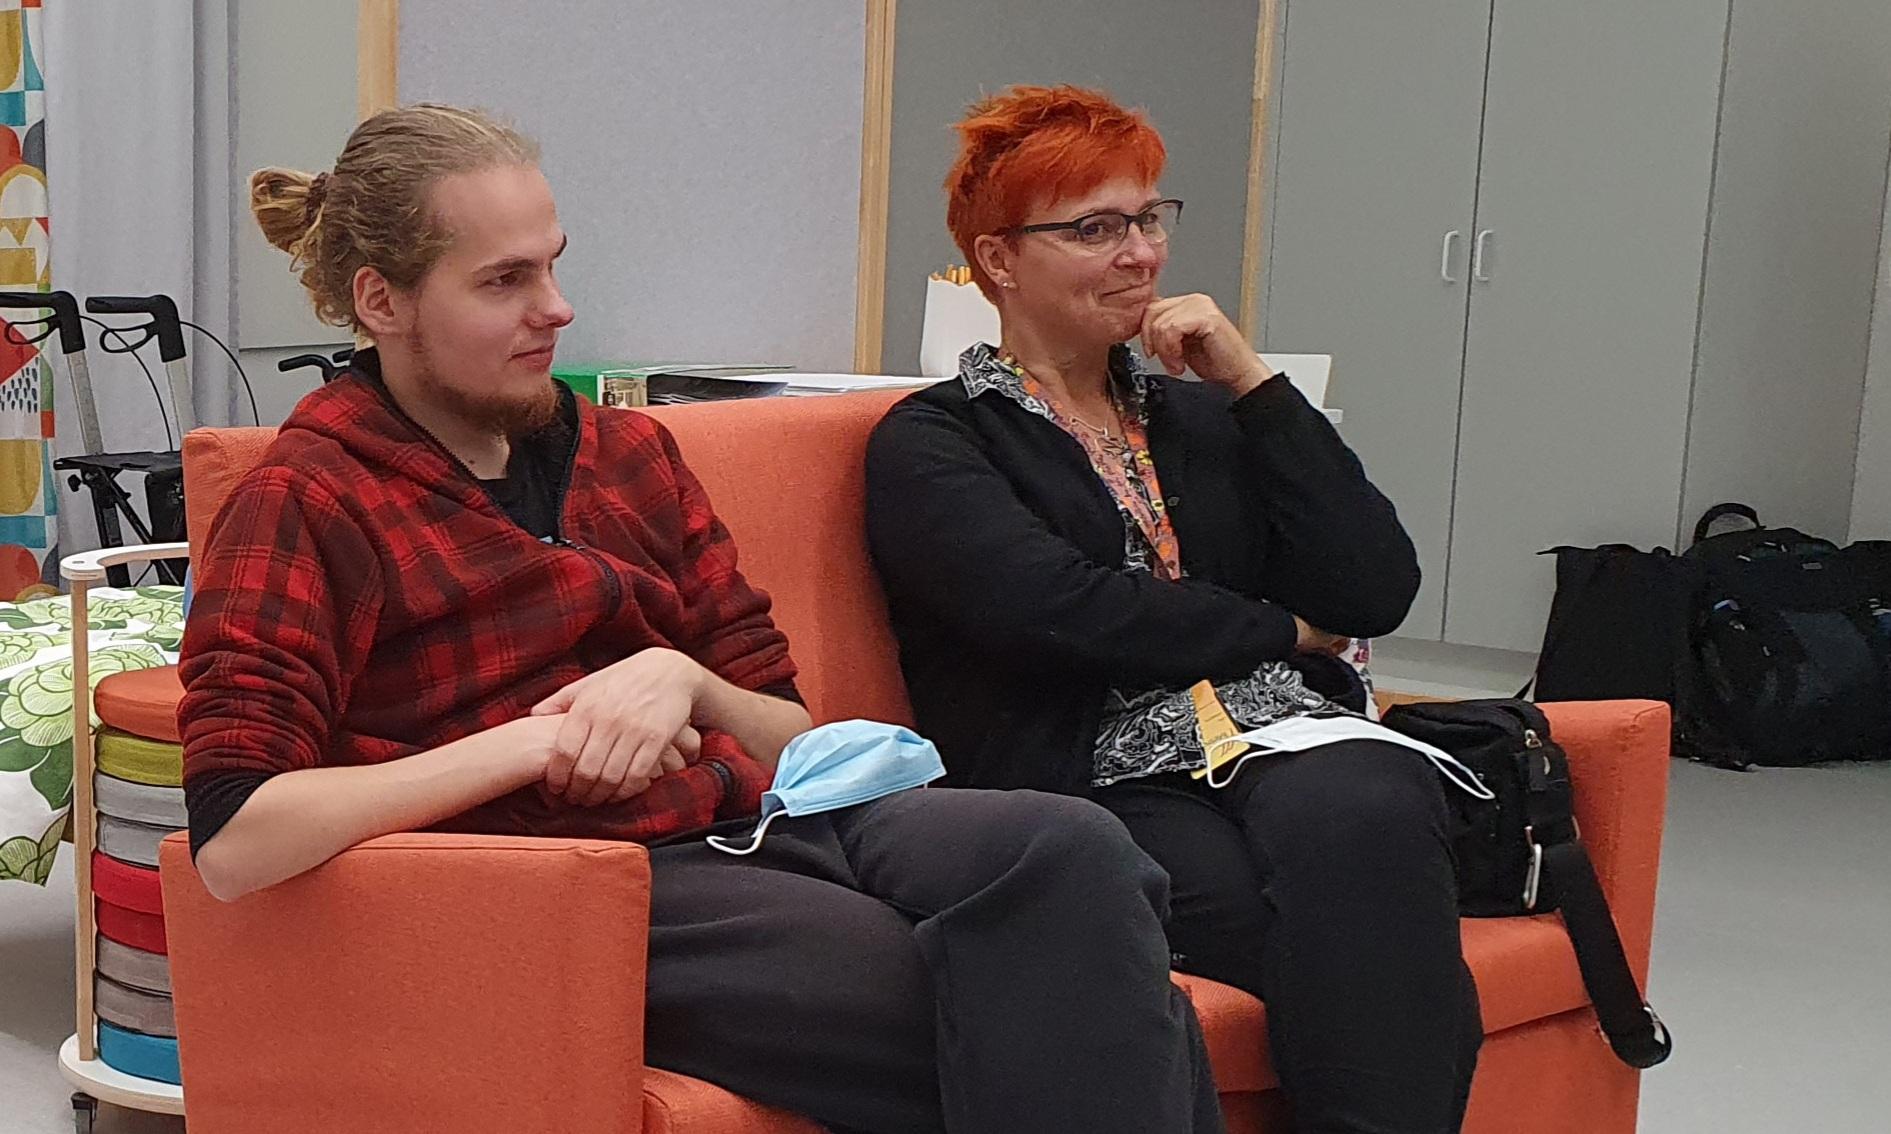 Nuori mies ja nainen istuvat sohvalla